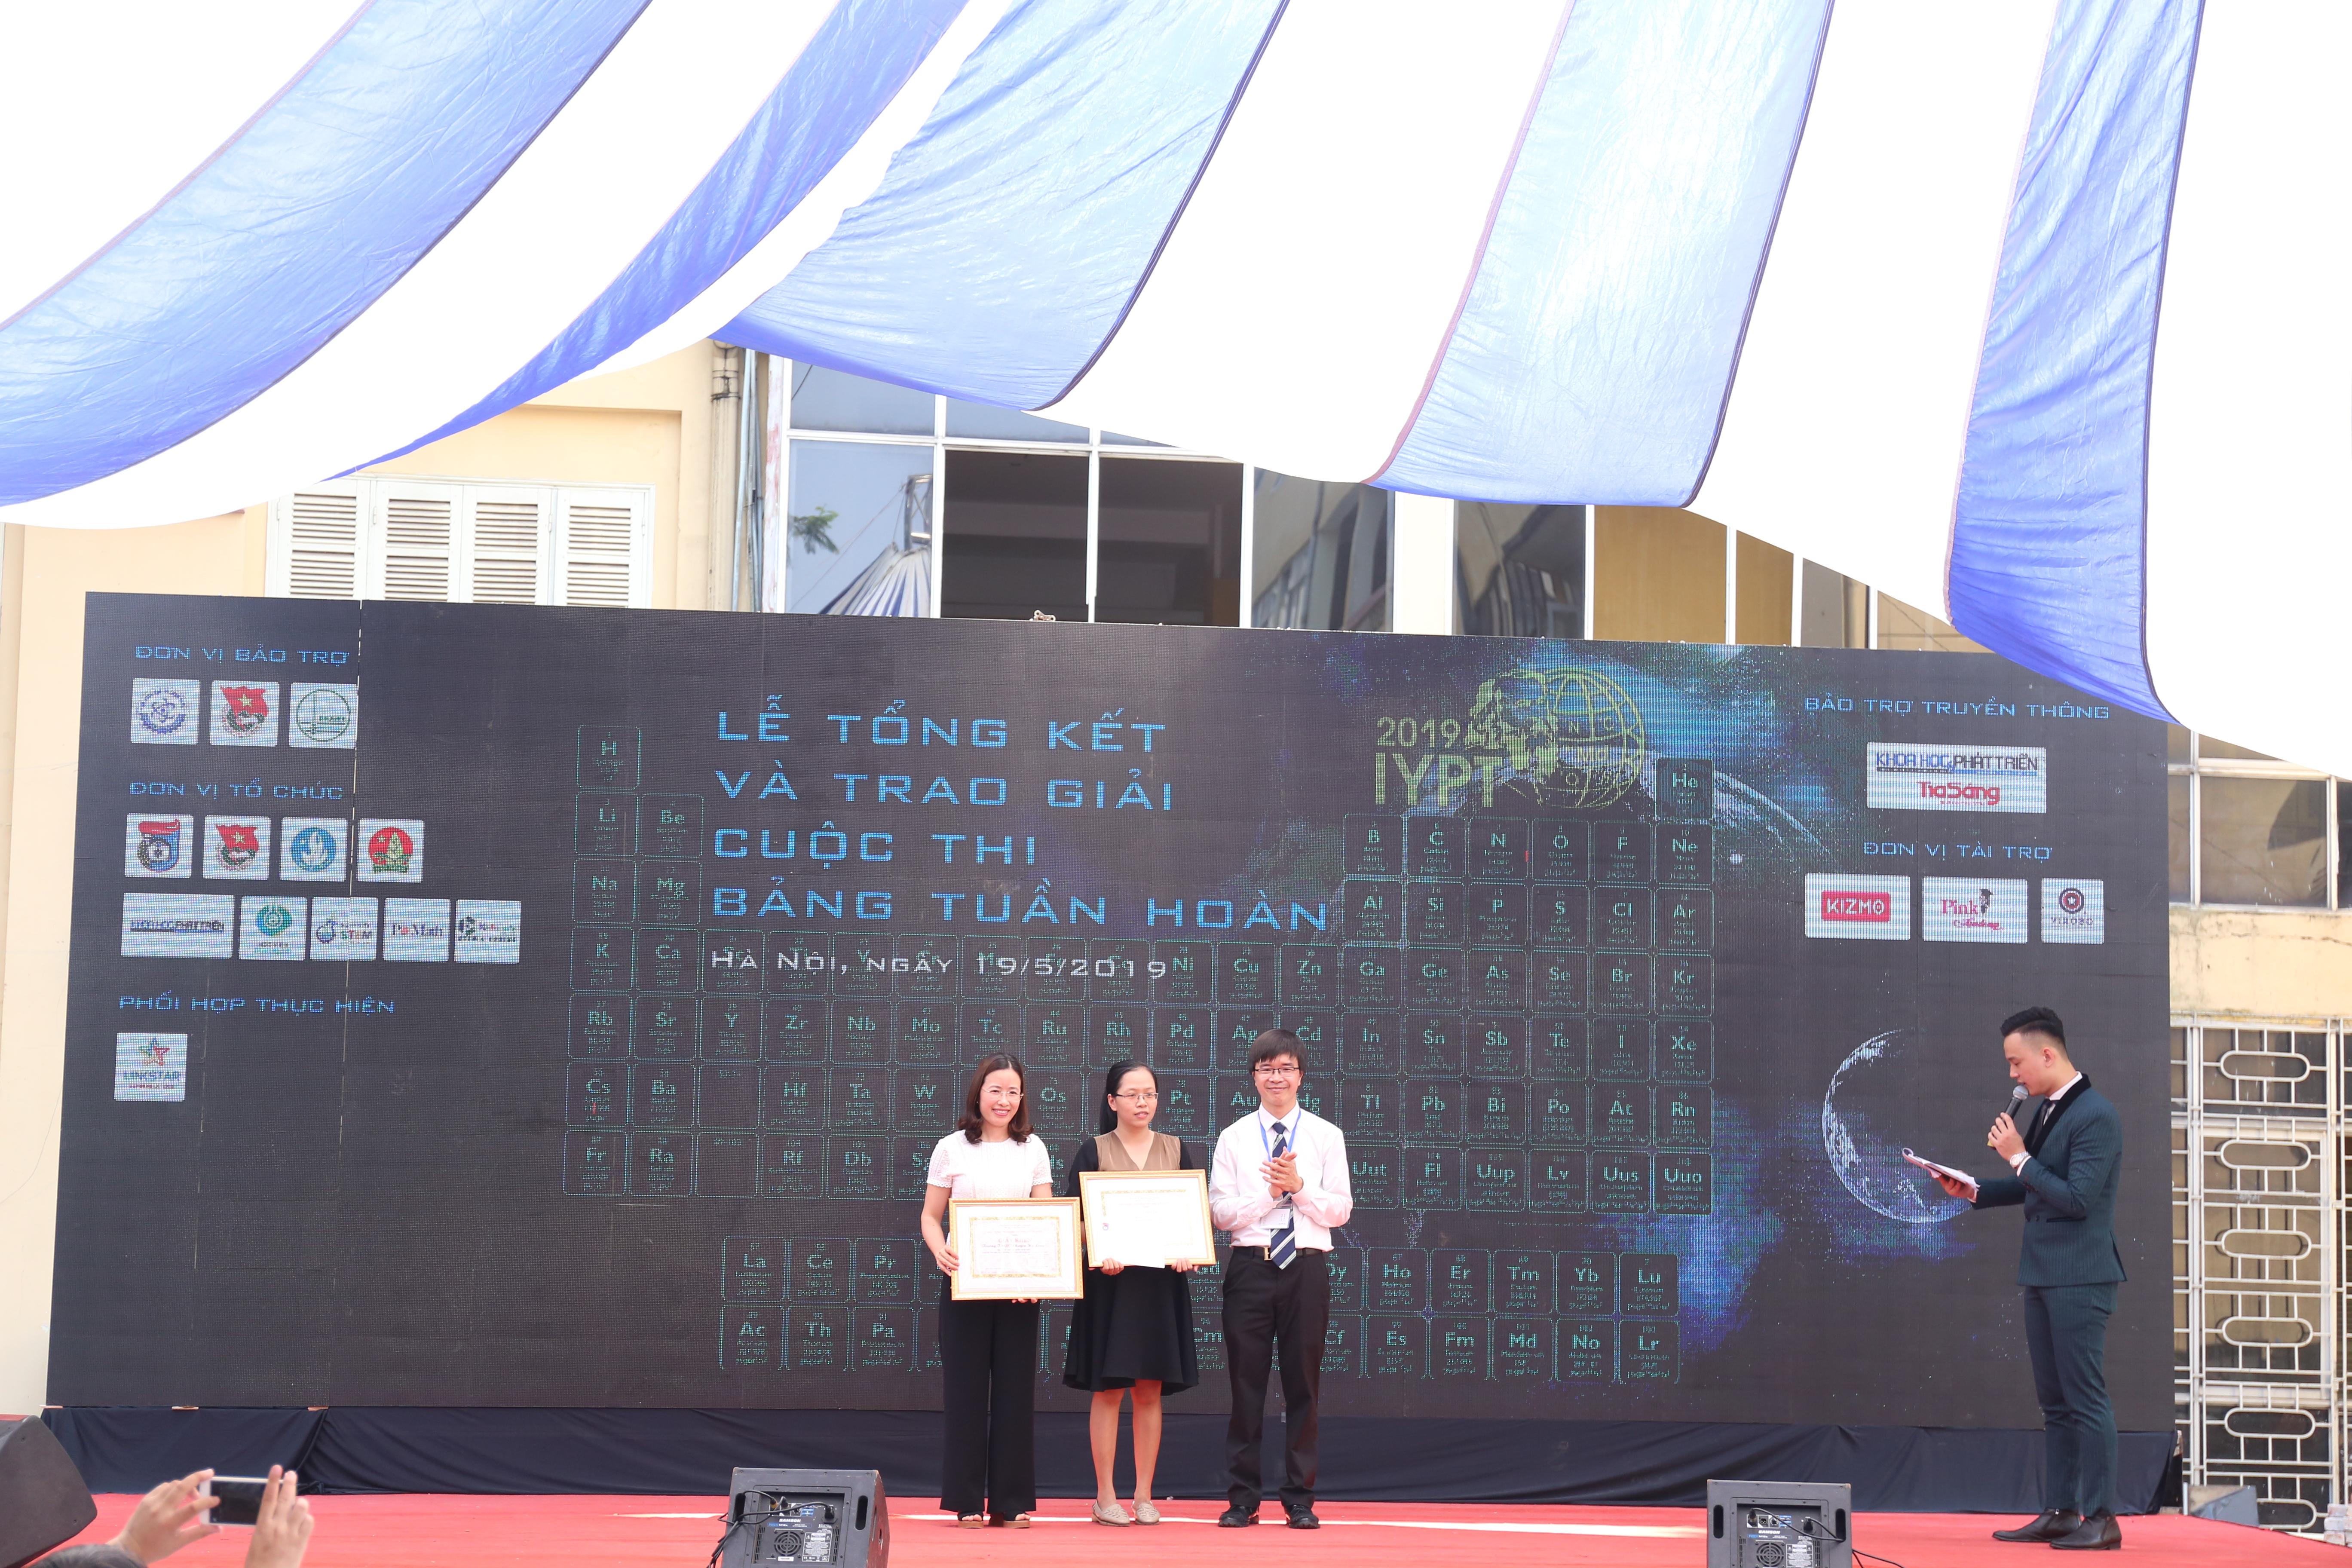 Đại diện các nhóm giải phụ của cuộc thi về bảng tuần hoàn | Ảnh:Ngô Hà